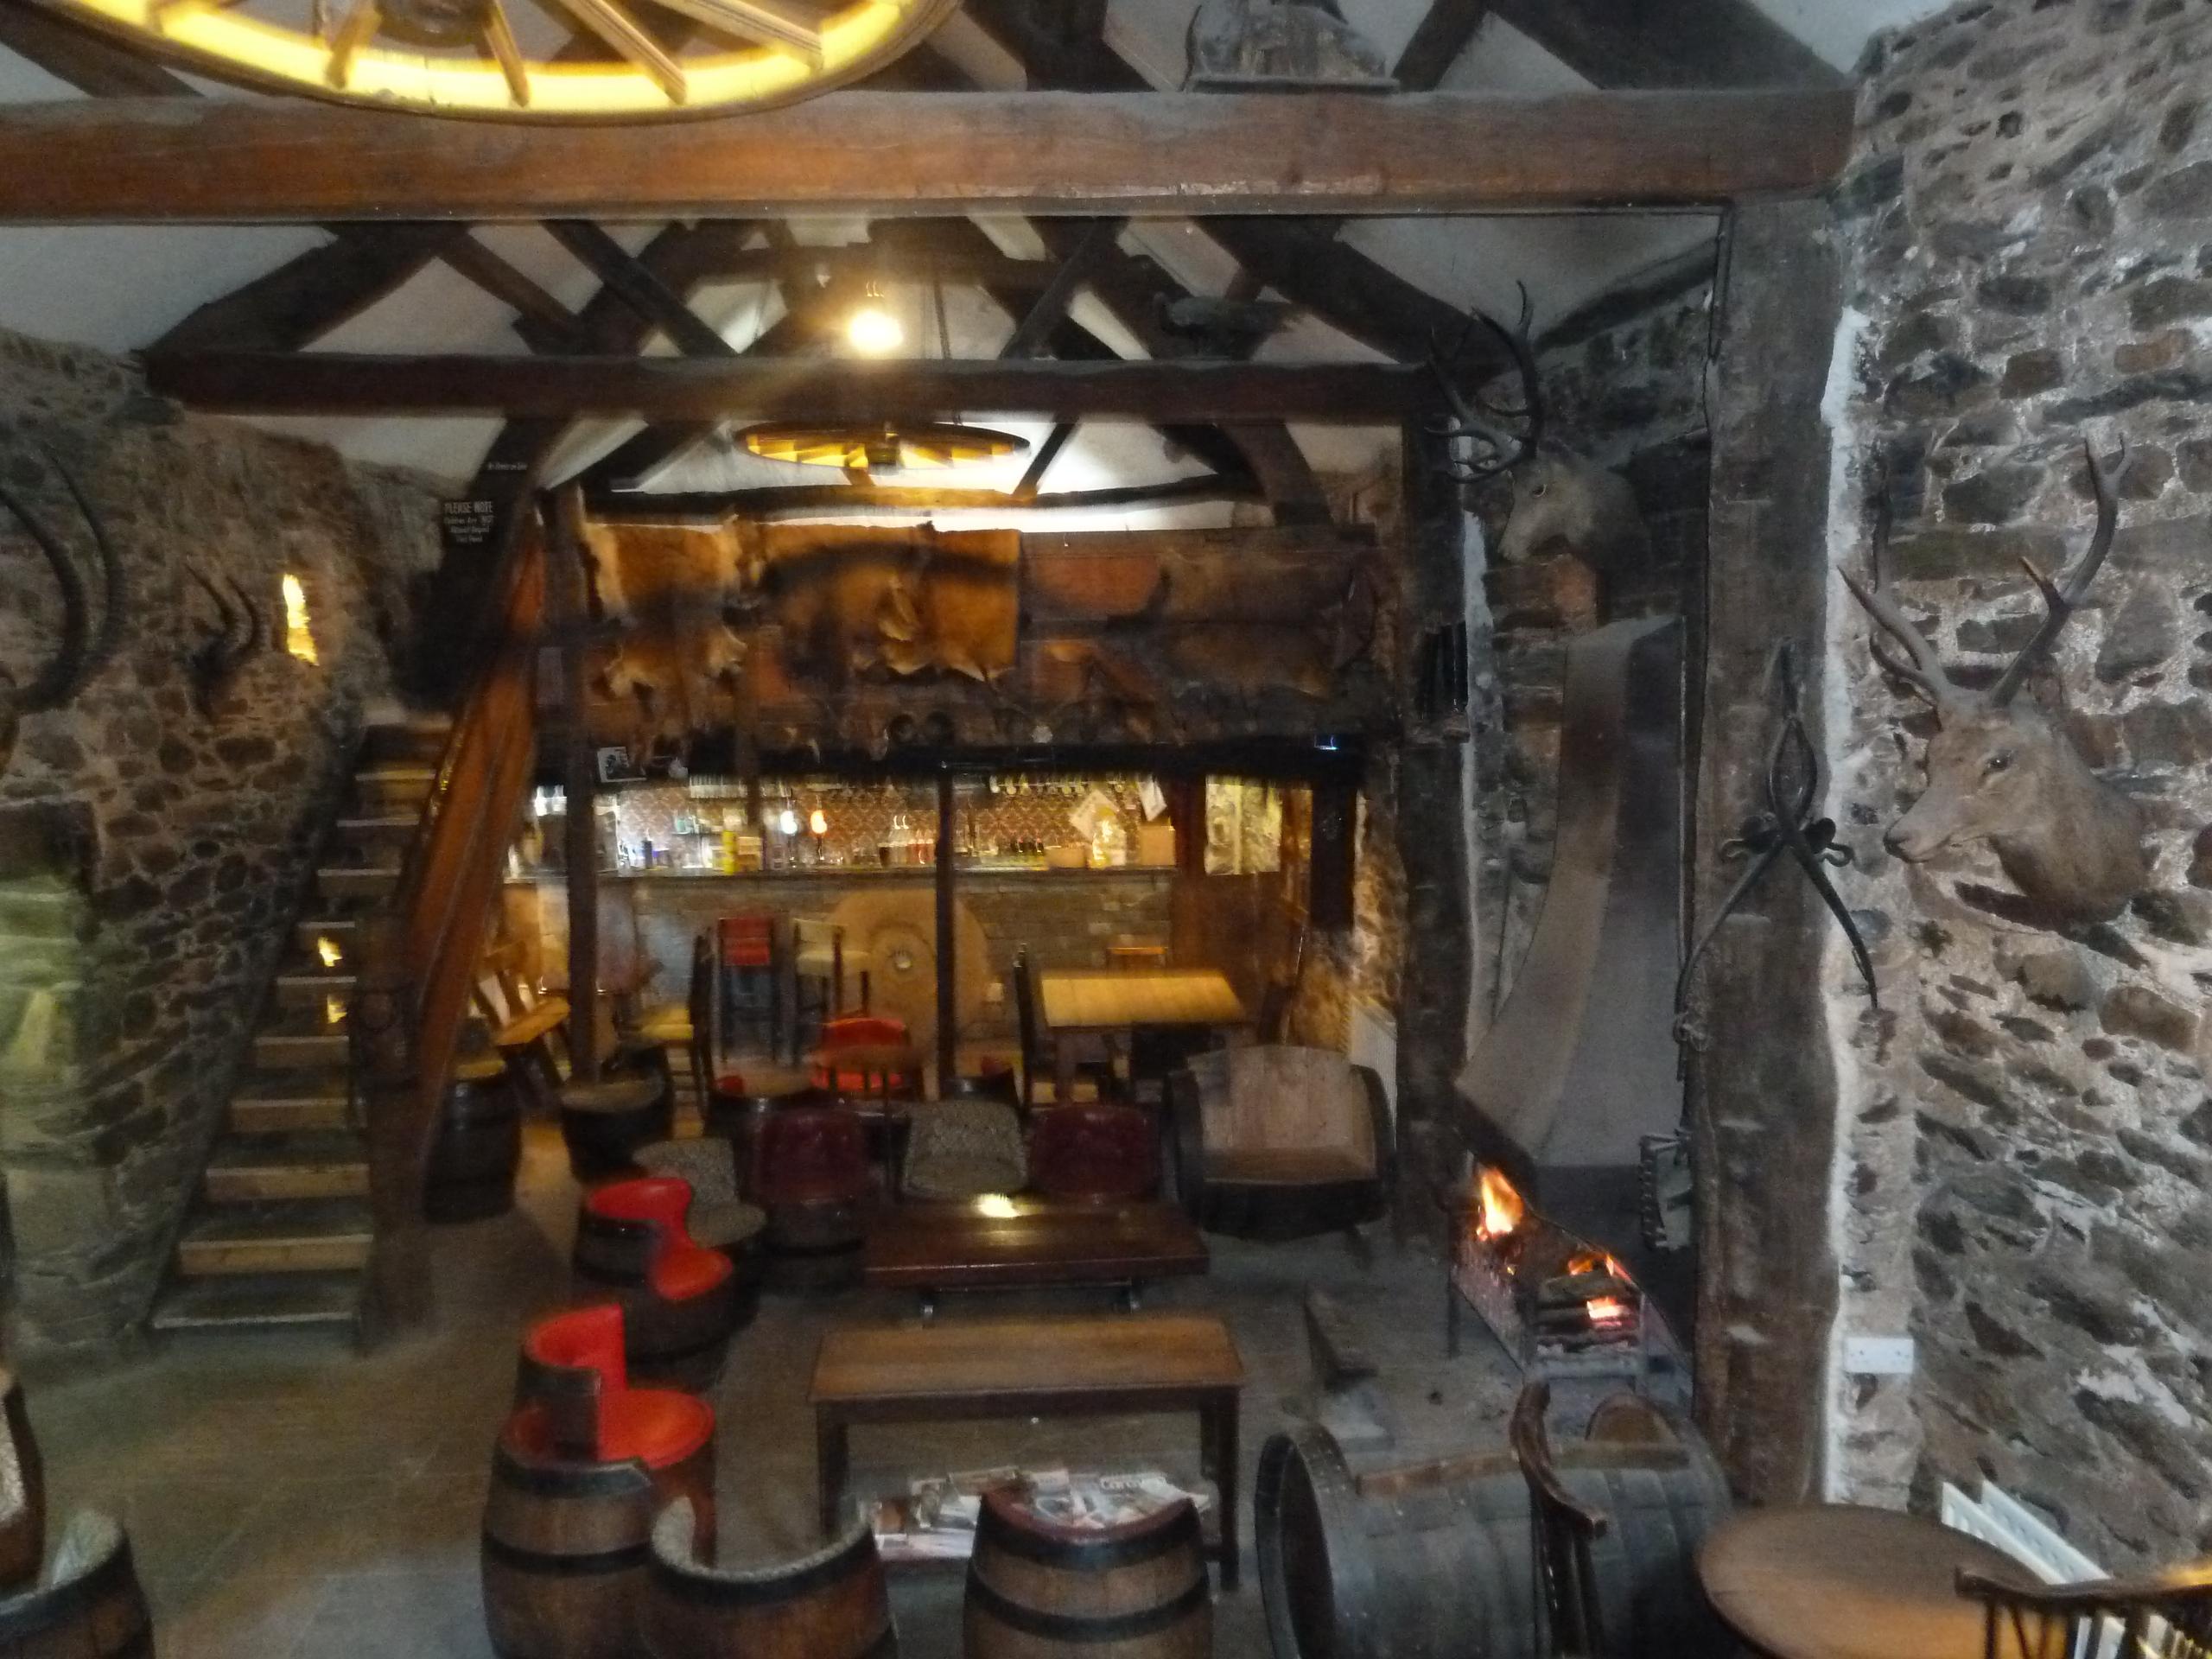 Inside the Quiet Bar.